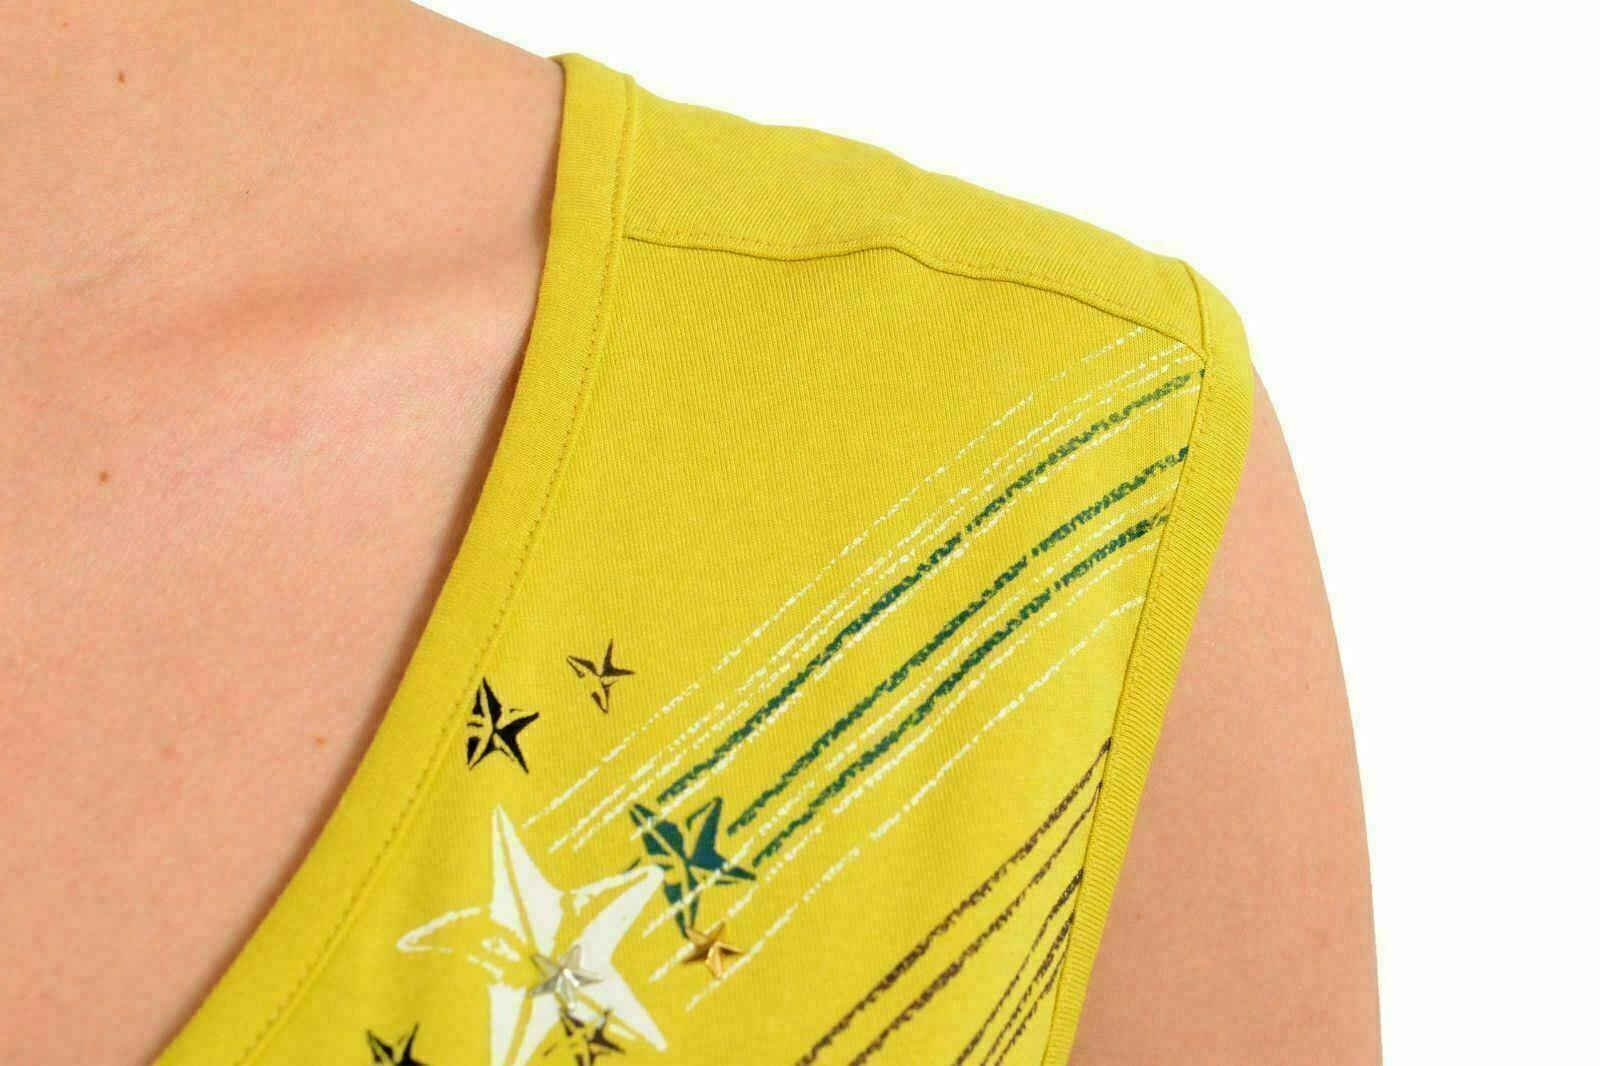 Just Cavalli Donna Giallo Decorato Canottiera senza Maniche USA S S S It 40 a99381